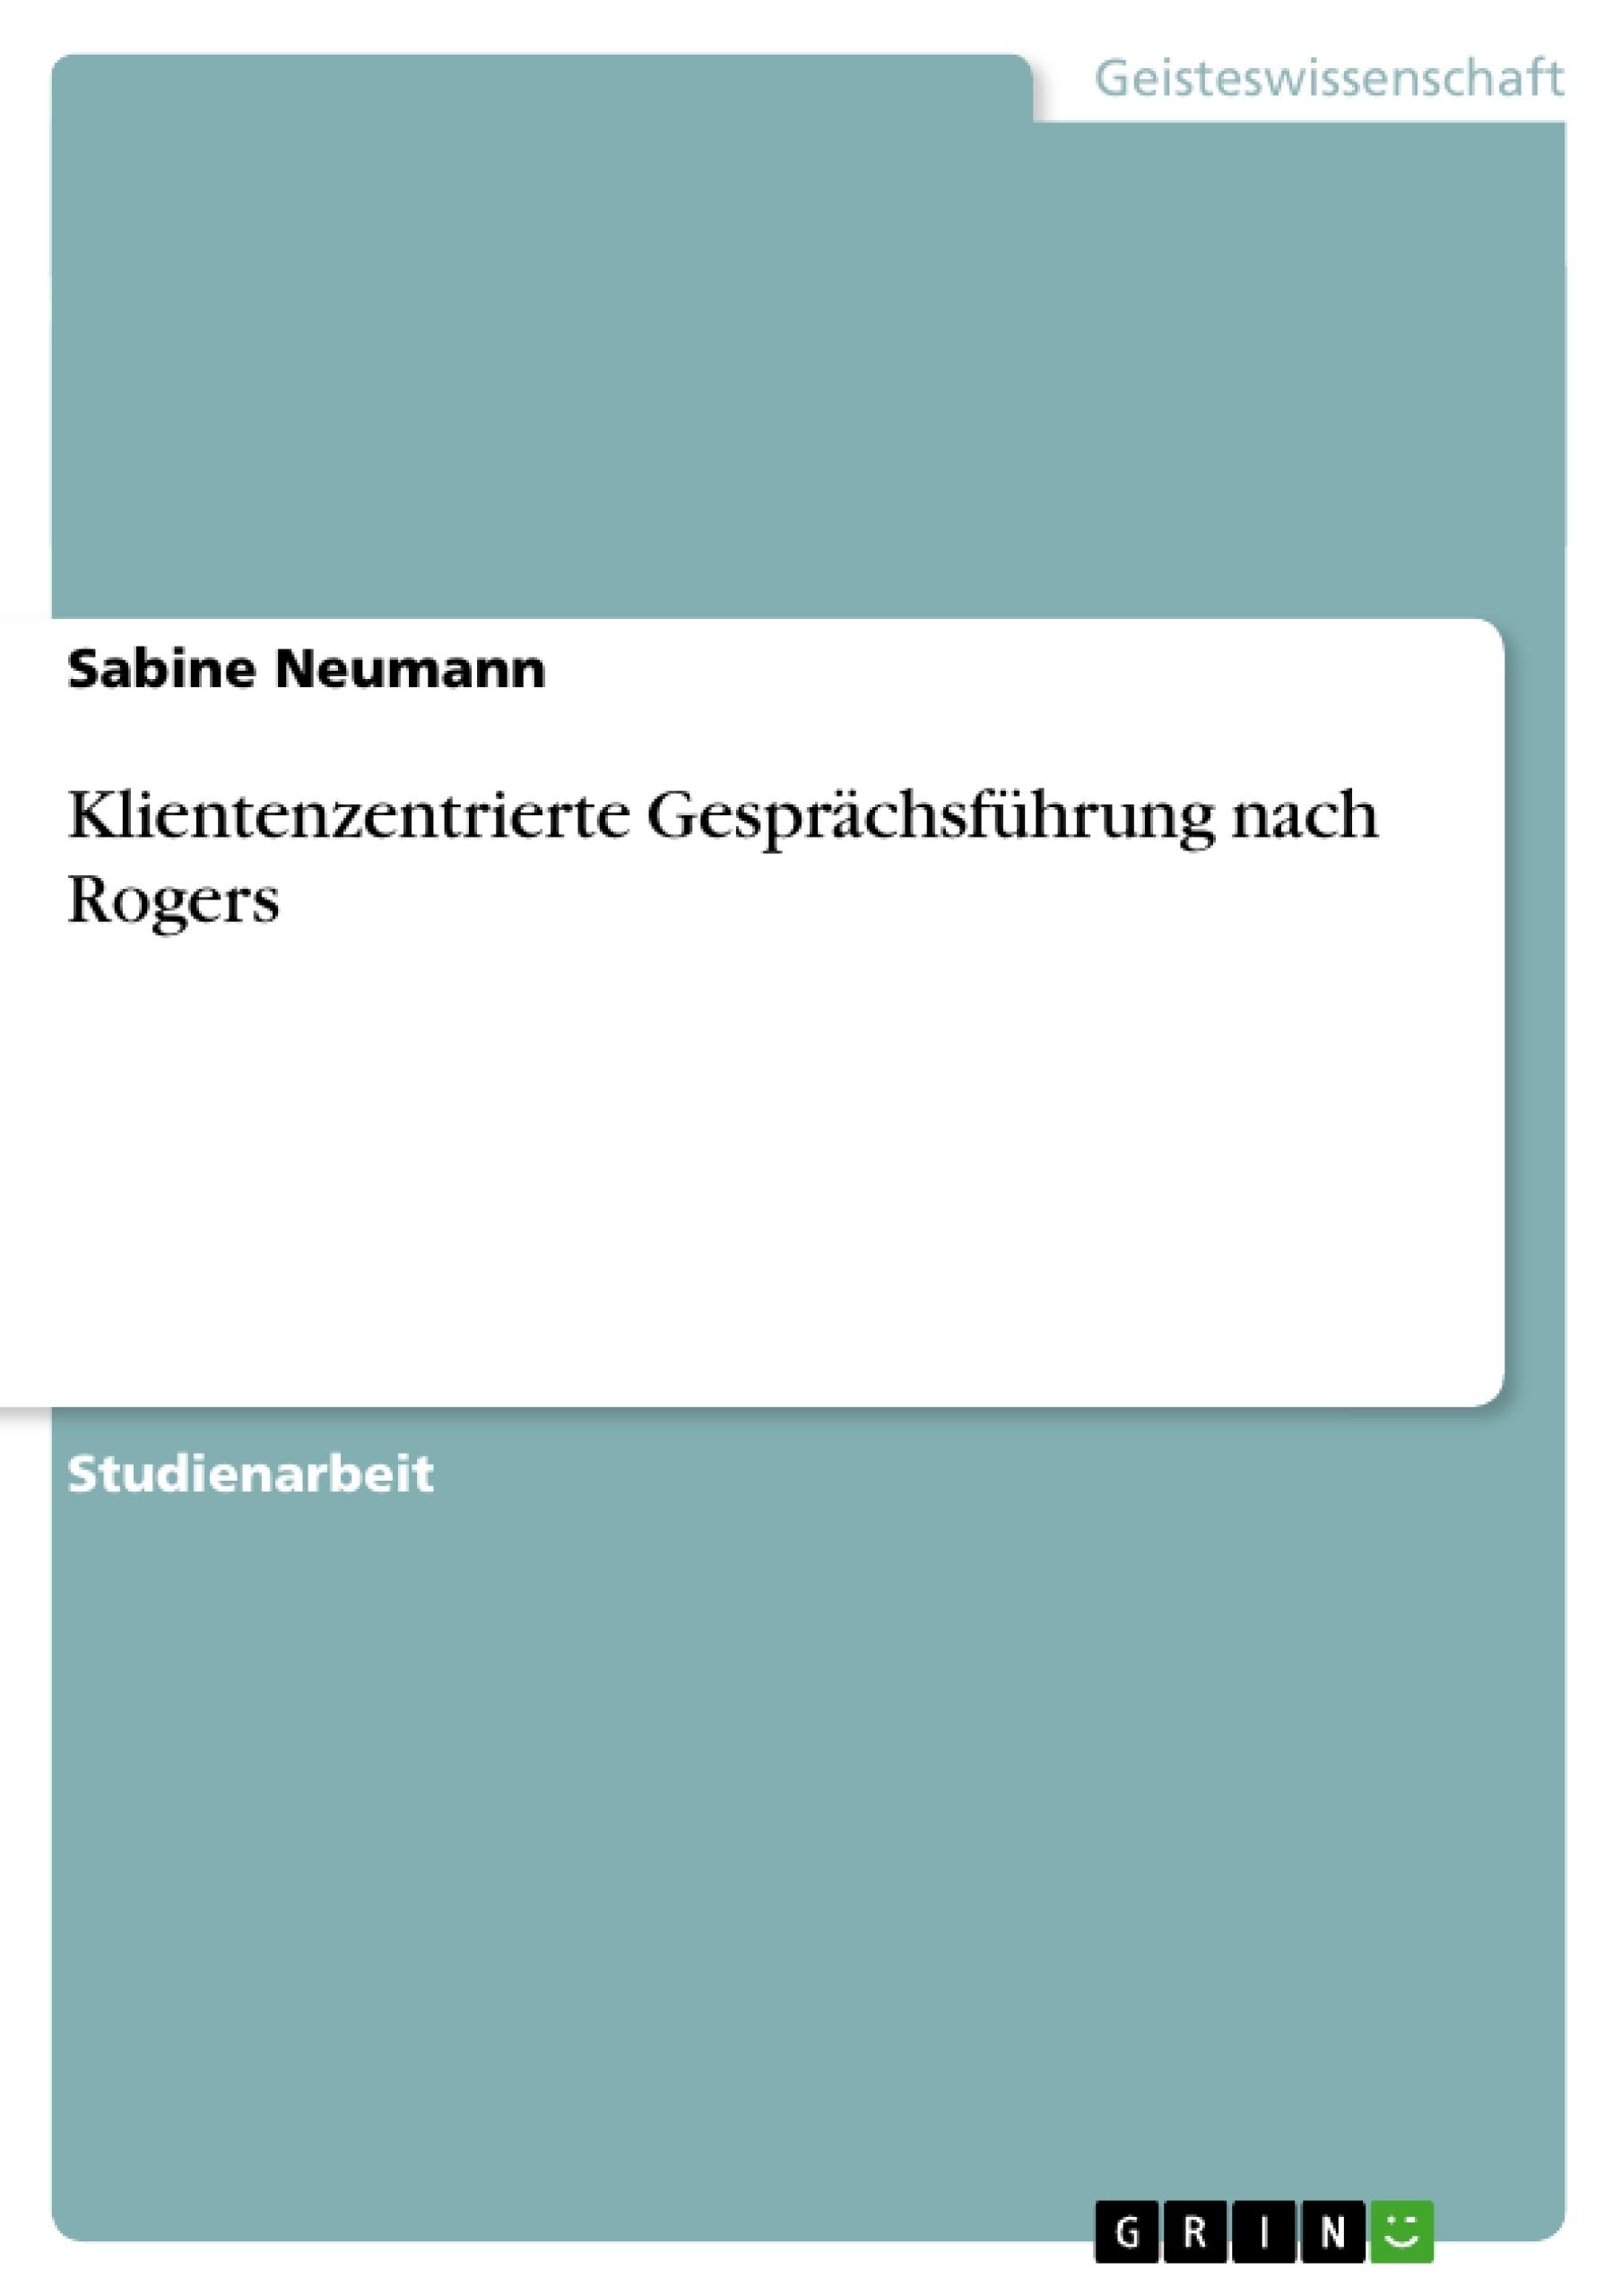 Titel: Klientenzentrierte Gesprächsführung nach Rogers